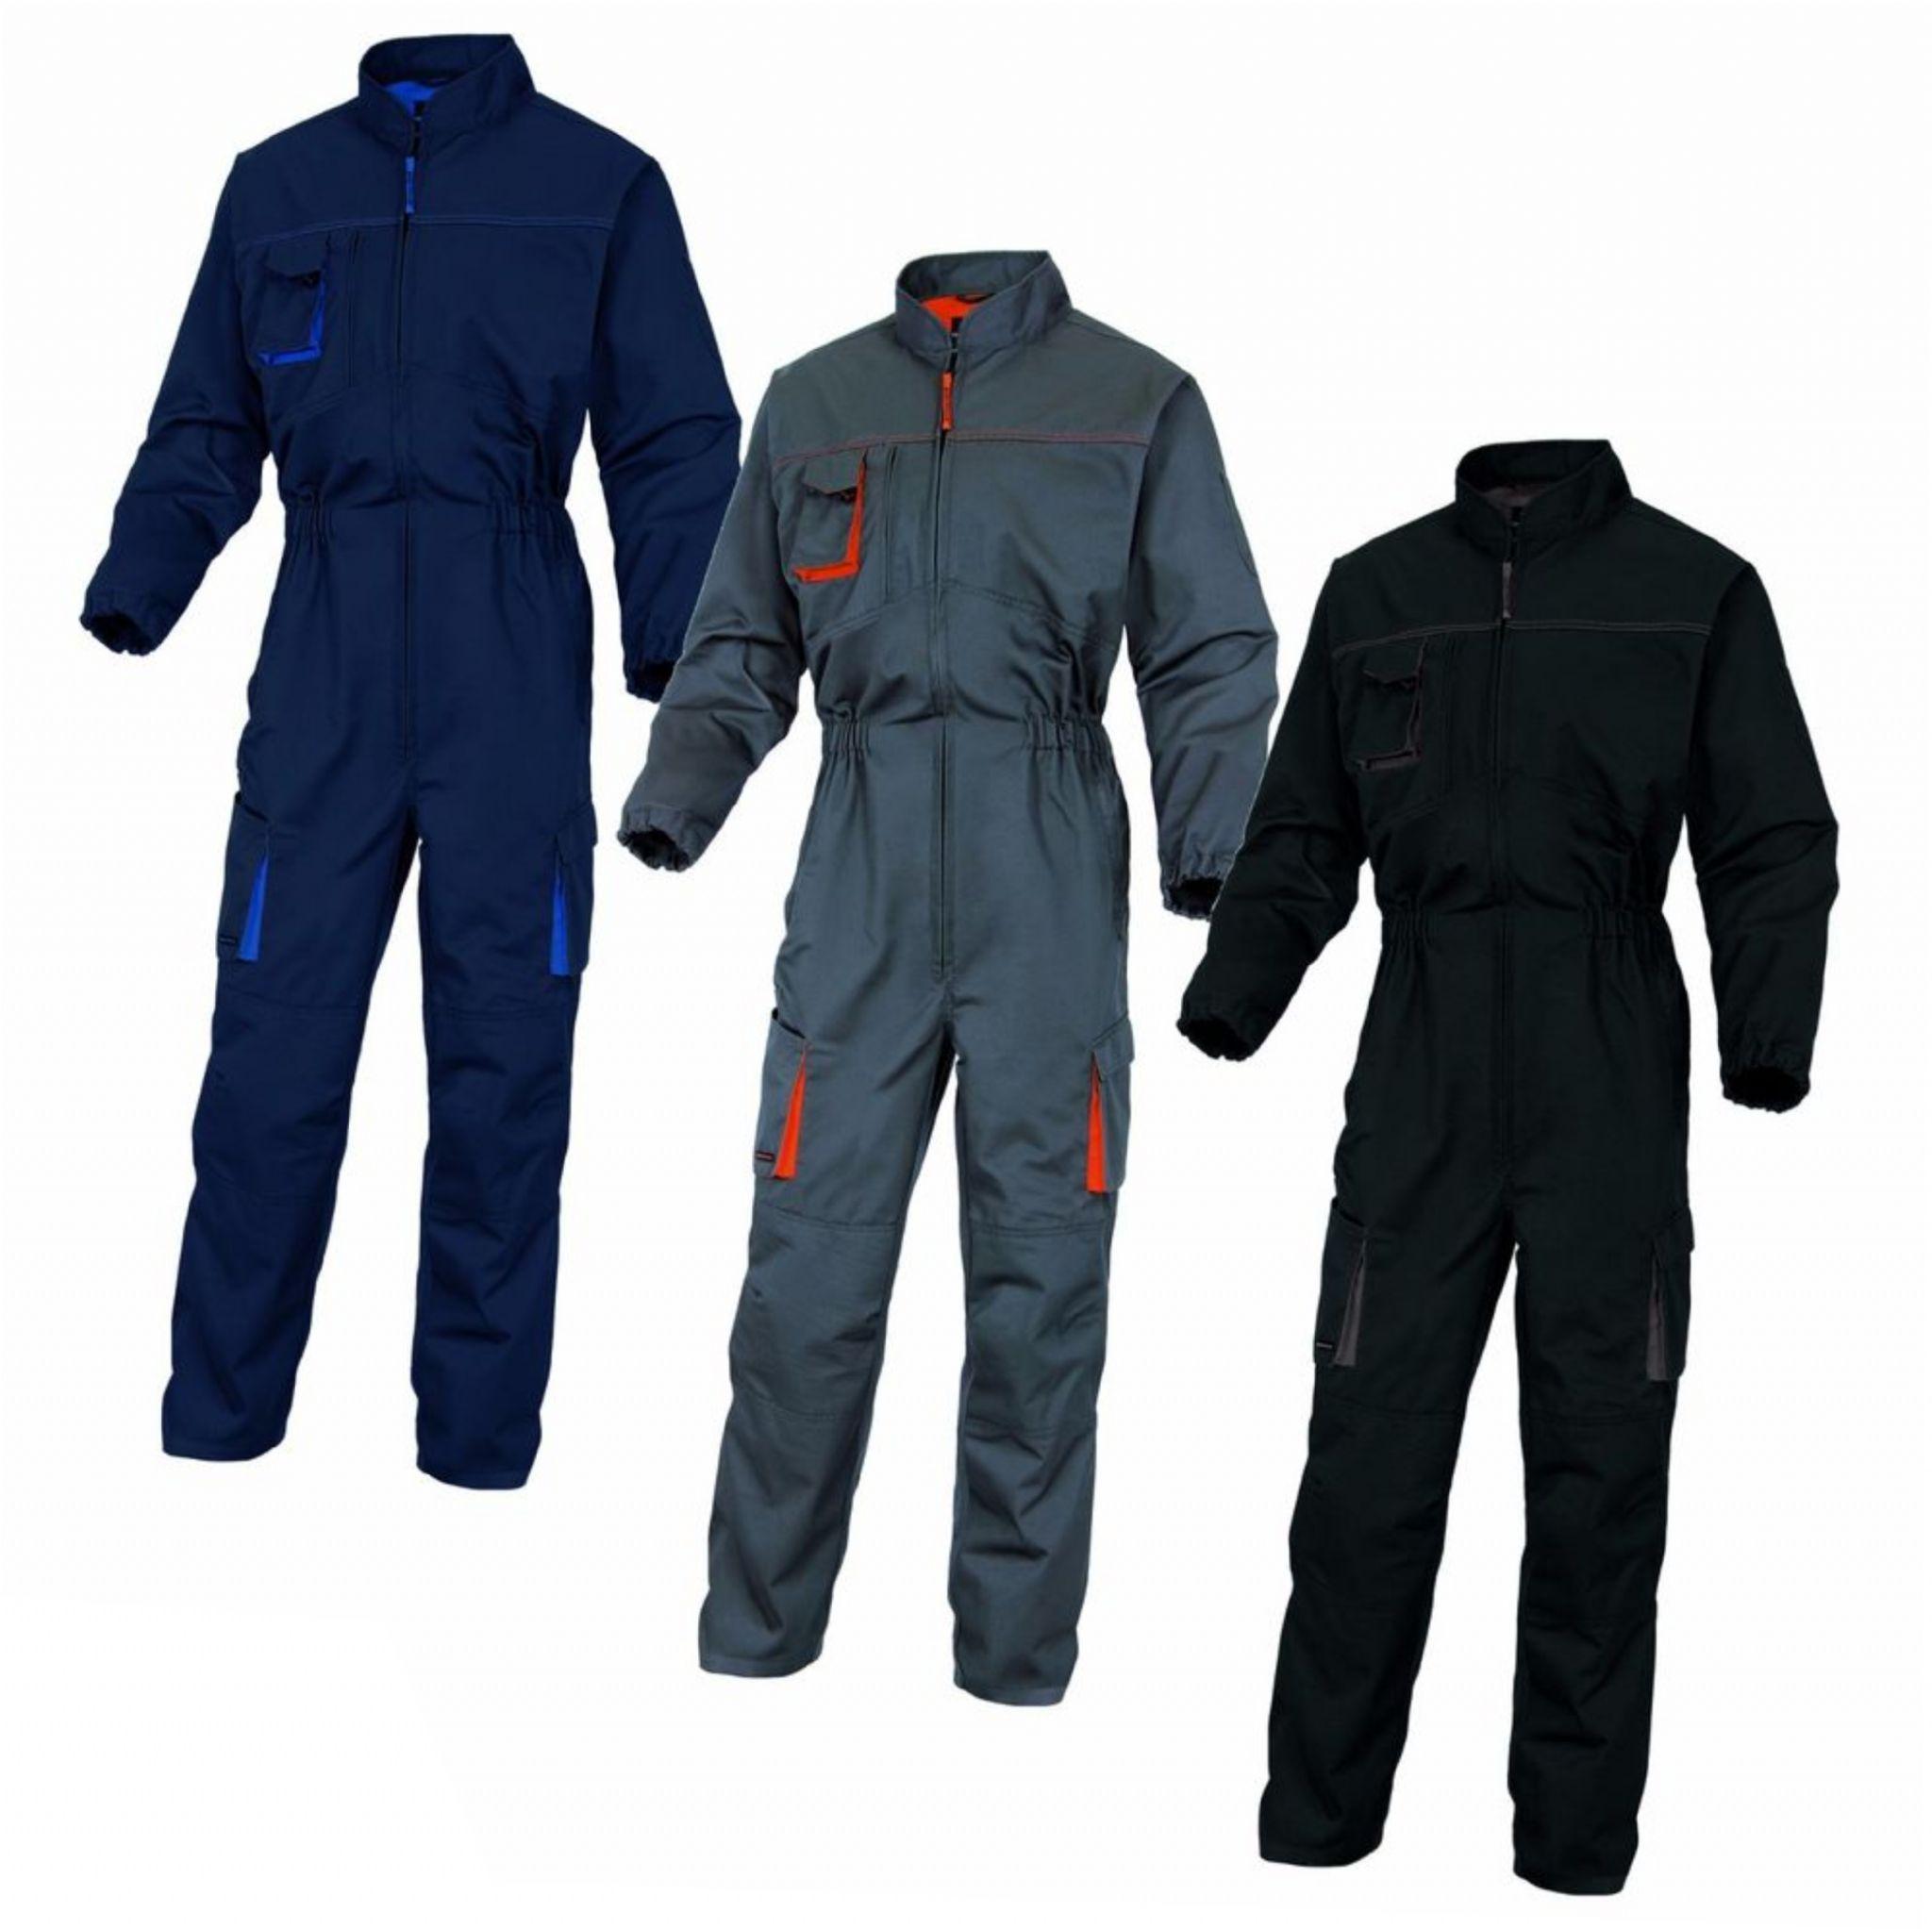 Функциональная рабочая одежда